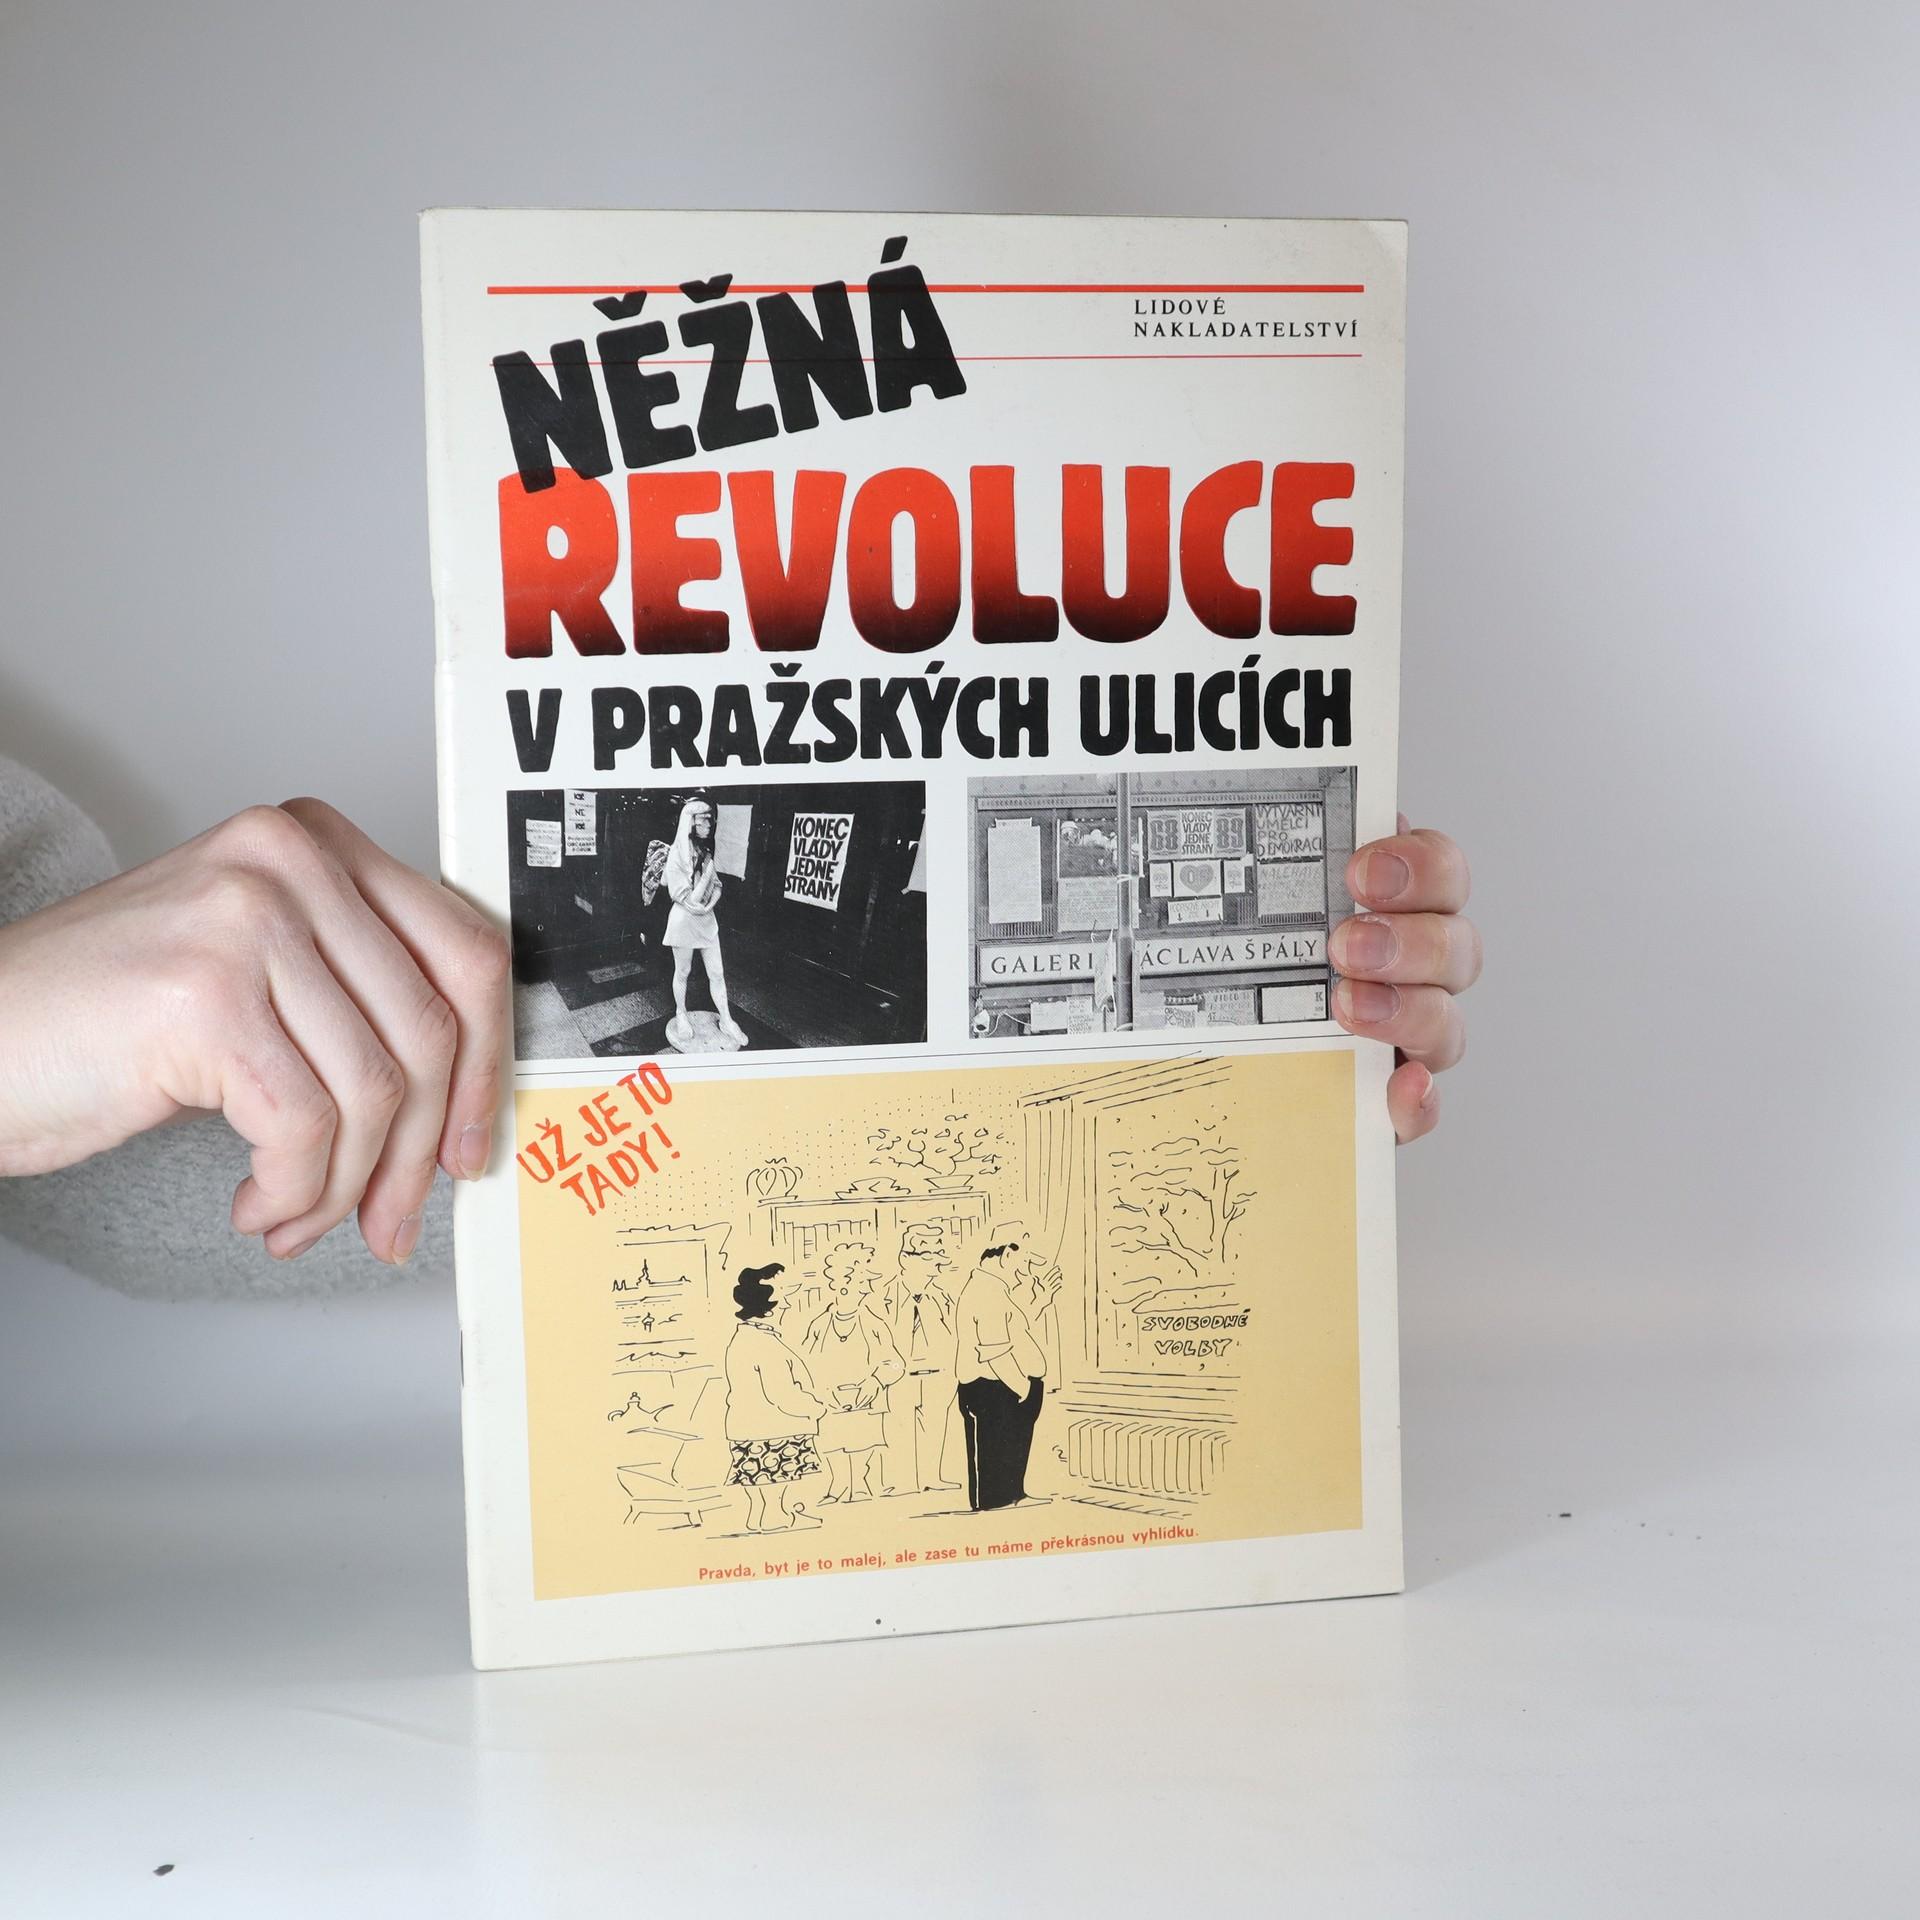 antikvární kniha Něžná revoluce v pražských ulicích, 1990